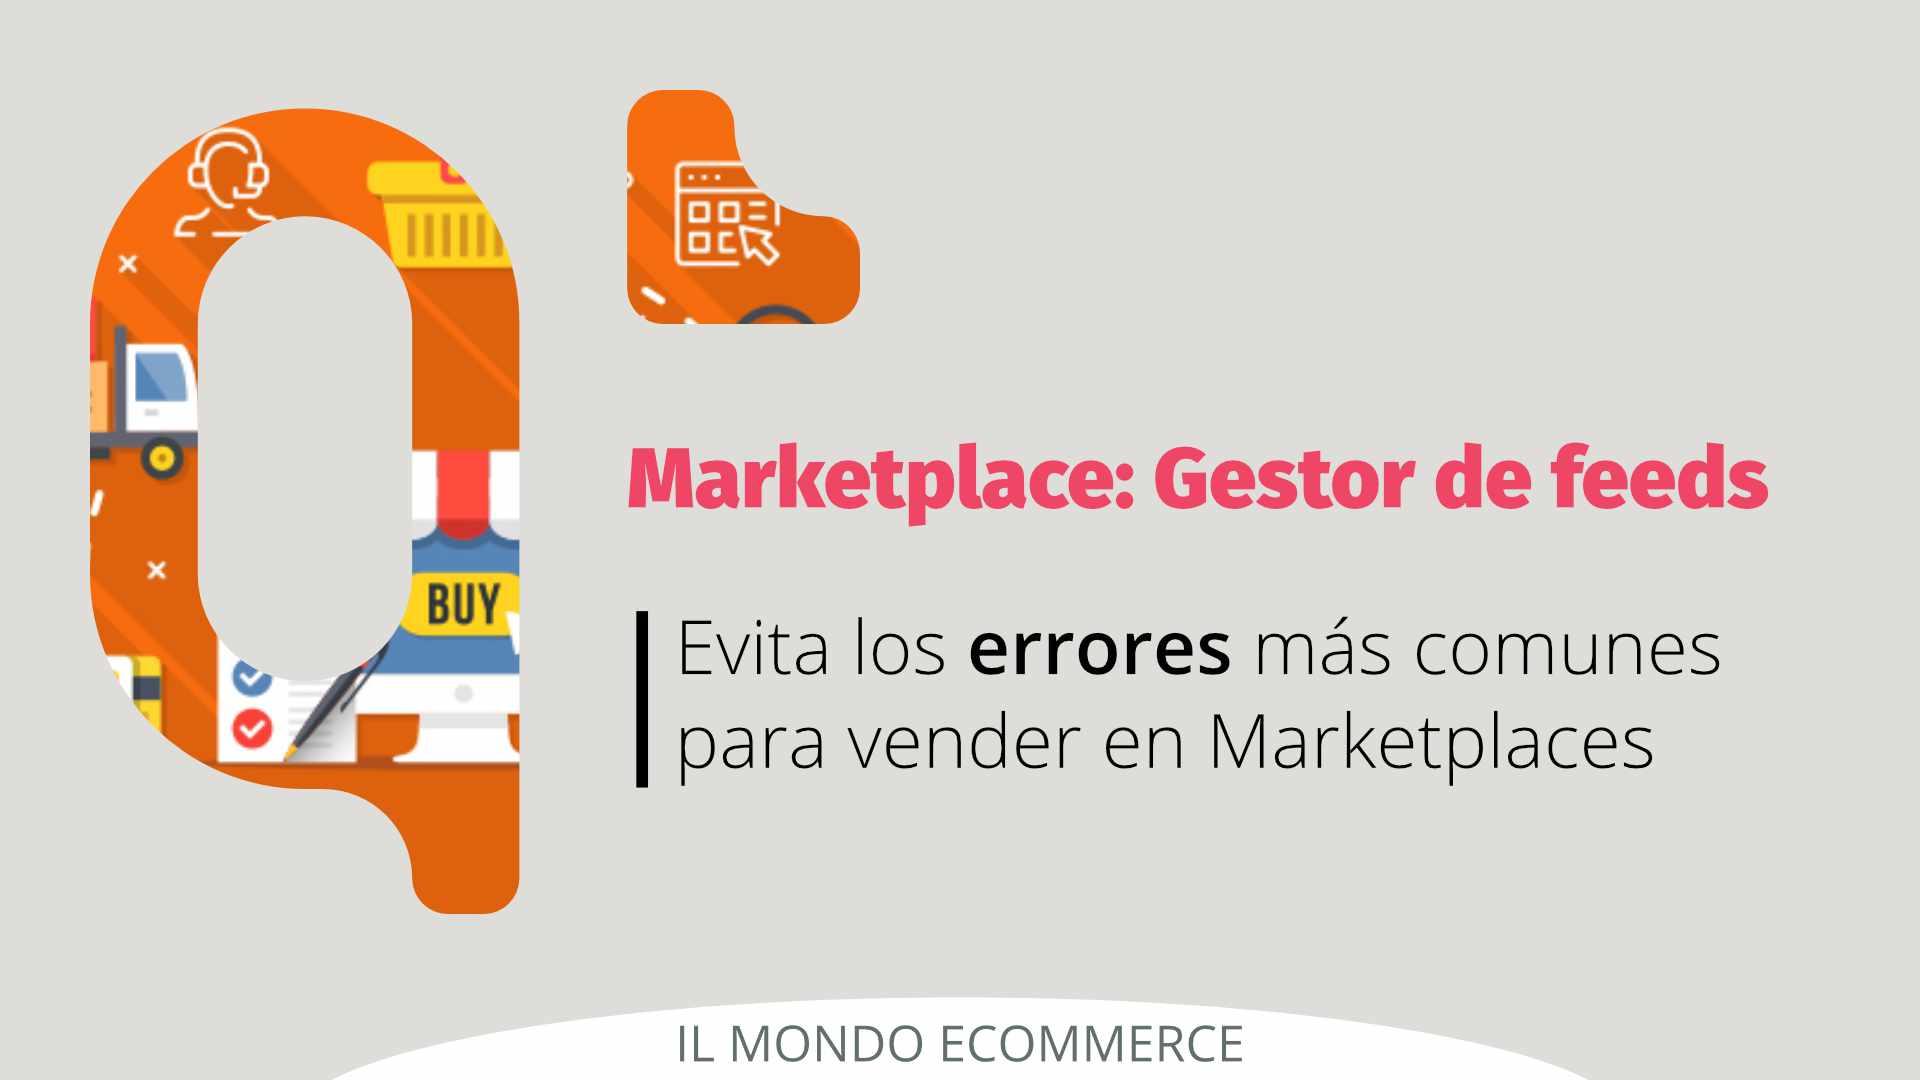 Gestor de feeds: evita los errores más comunes para vender en Marketplaces